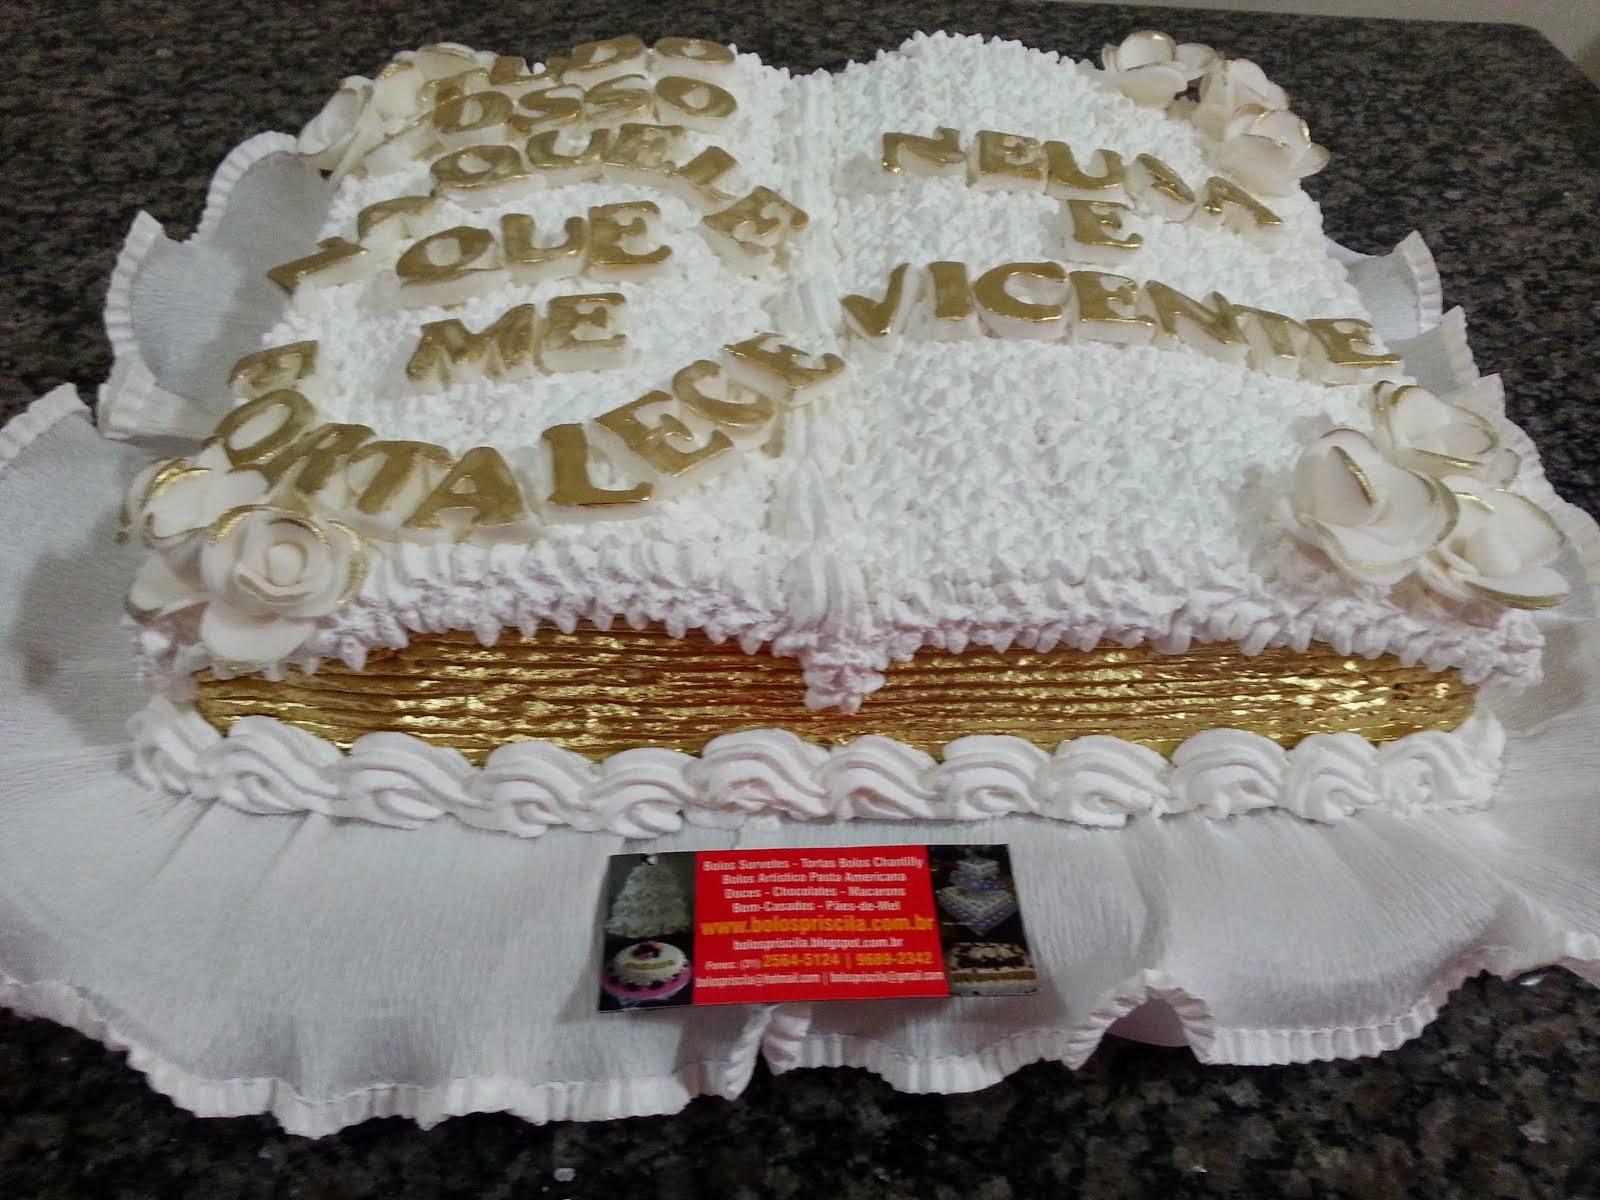 Bíblia aberta - Aniv Casamento